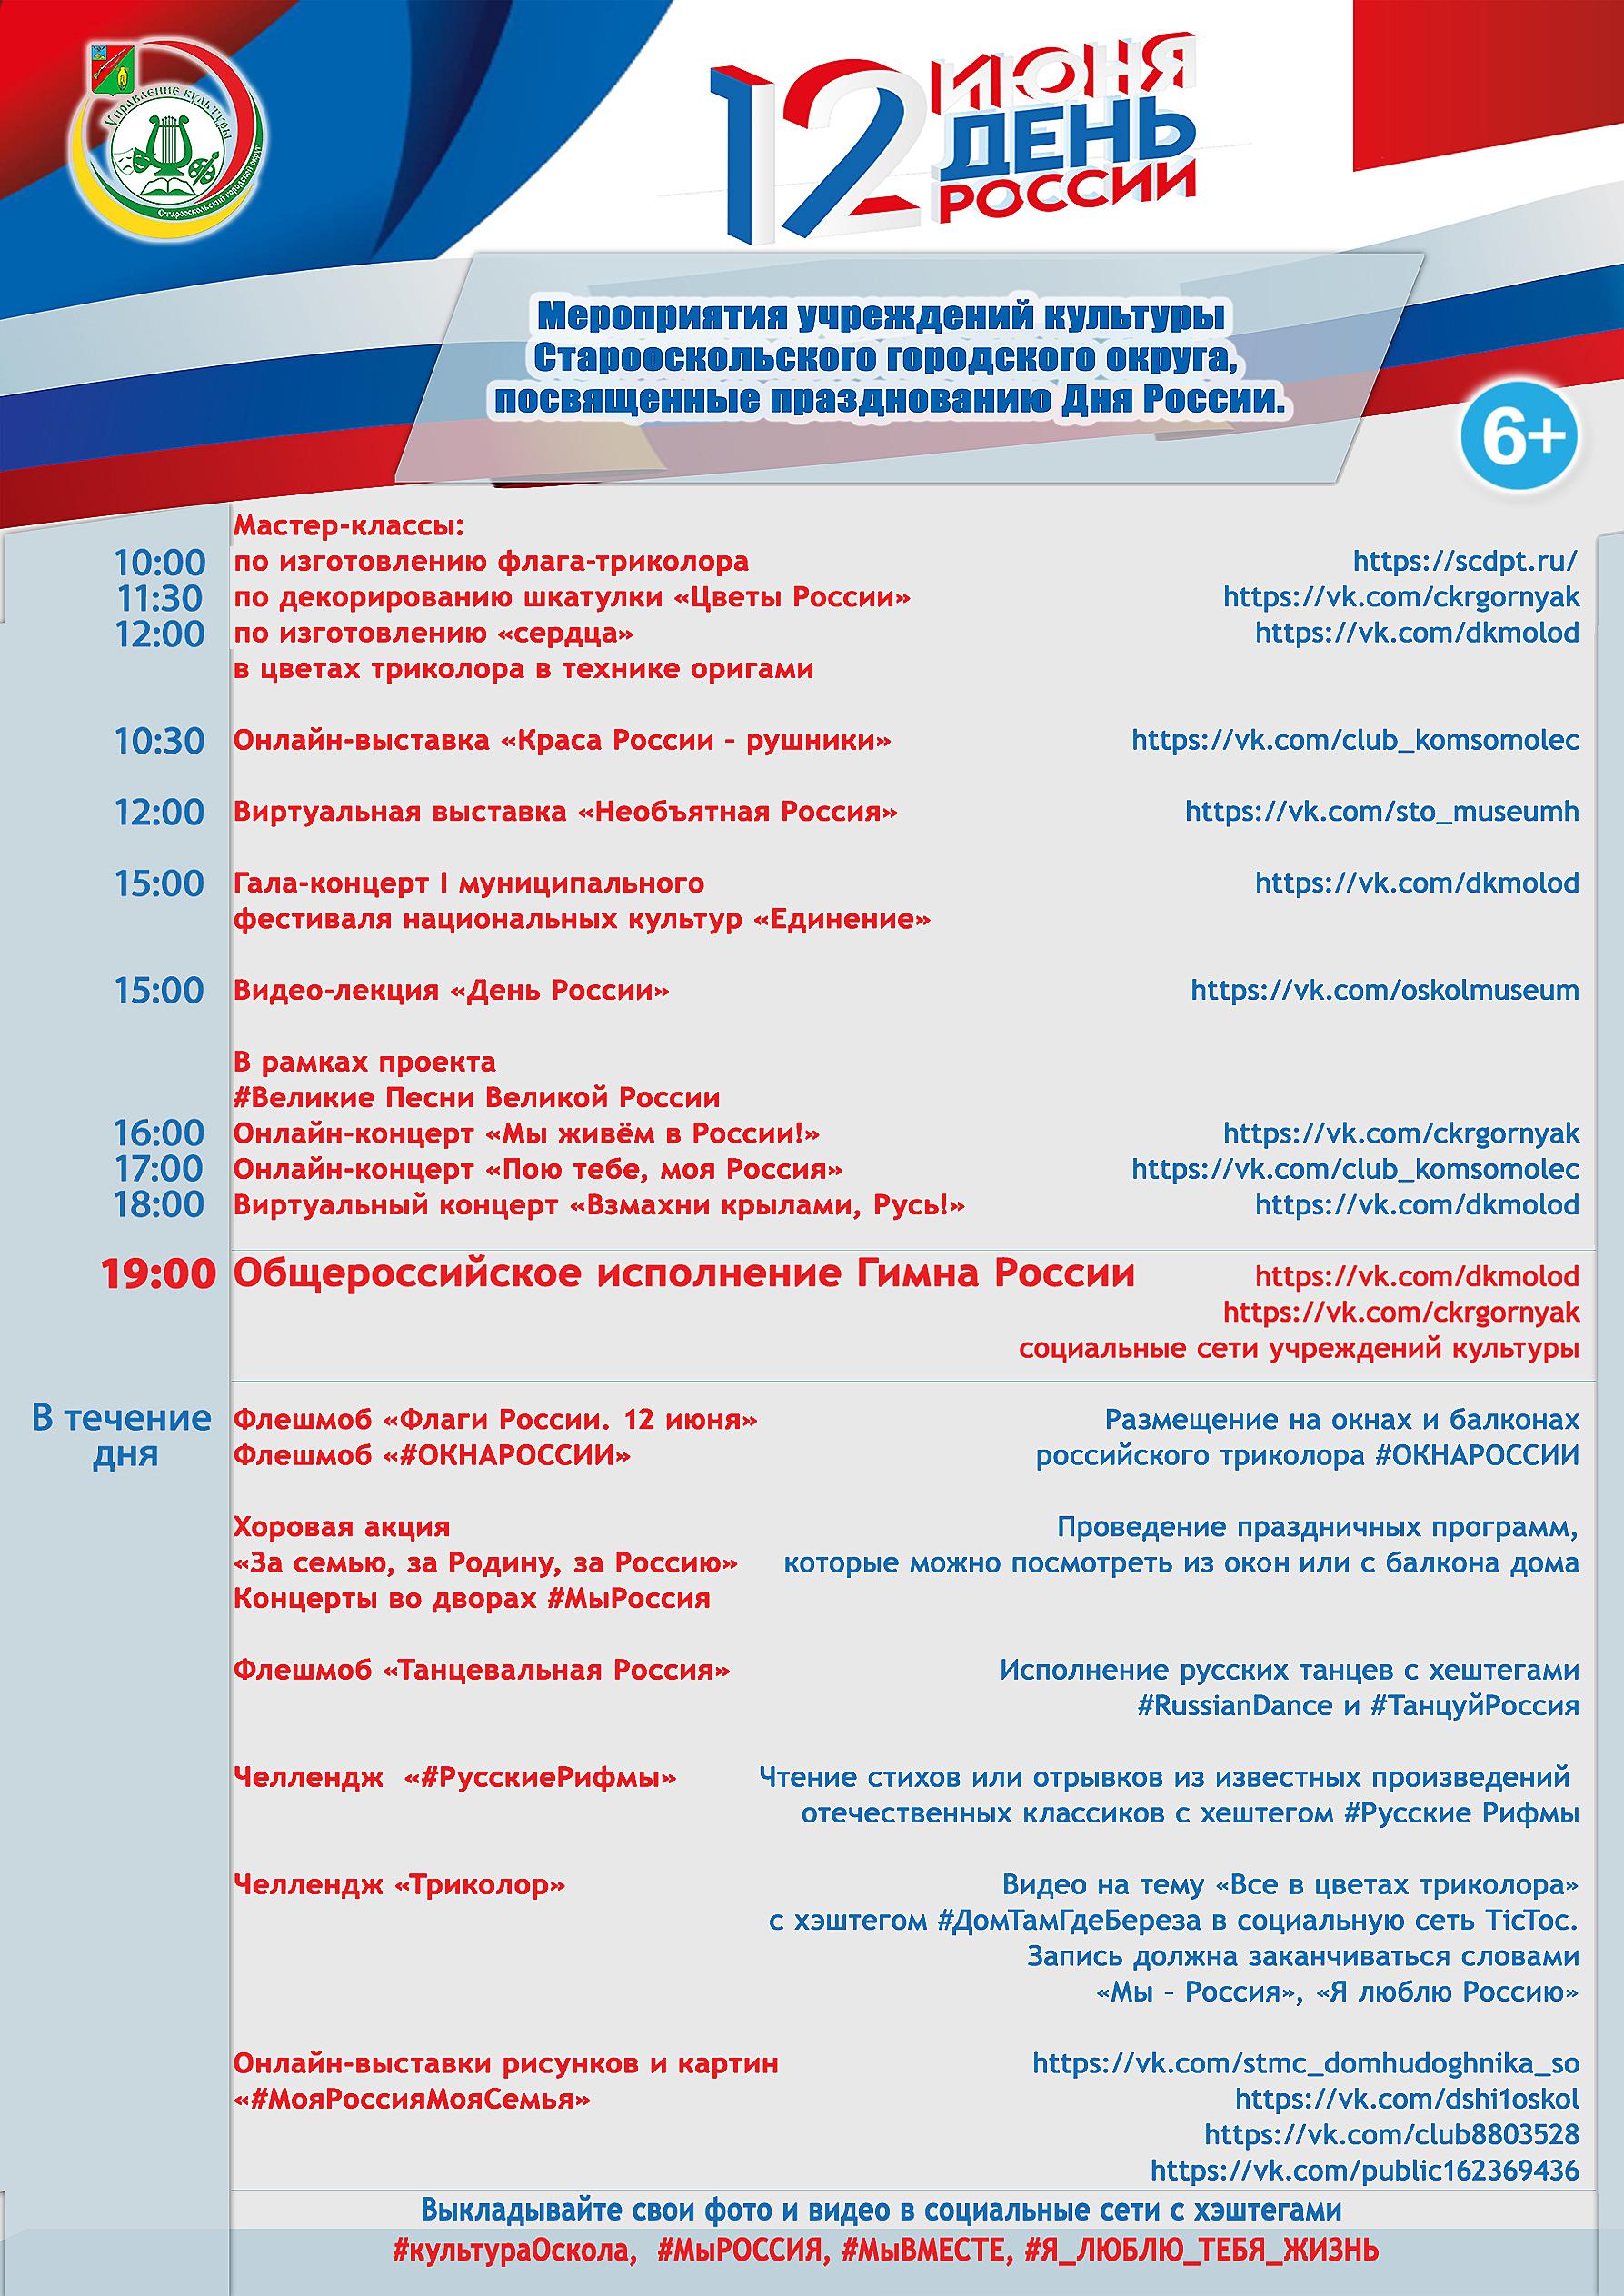 афиша мероприятий 12 июня 2020 года